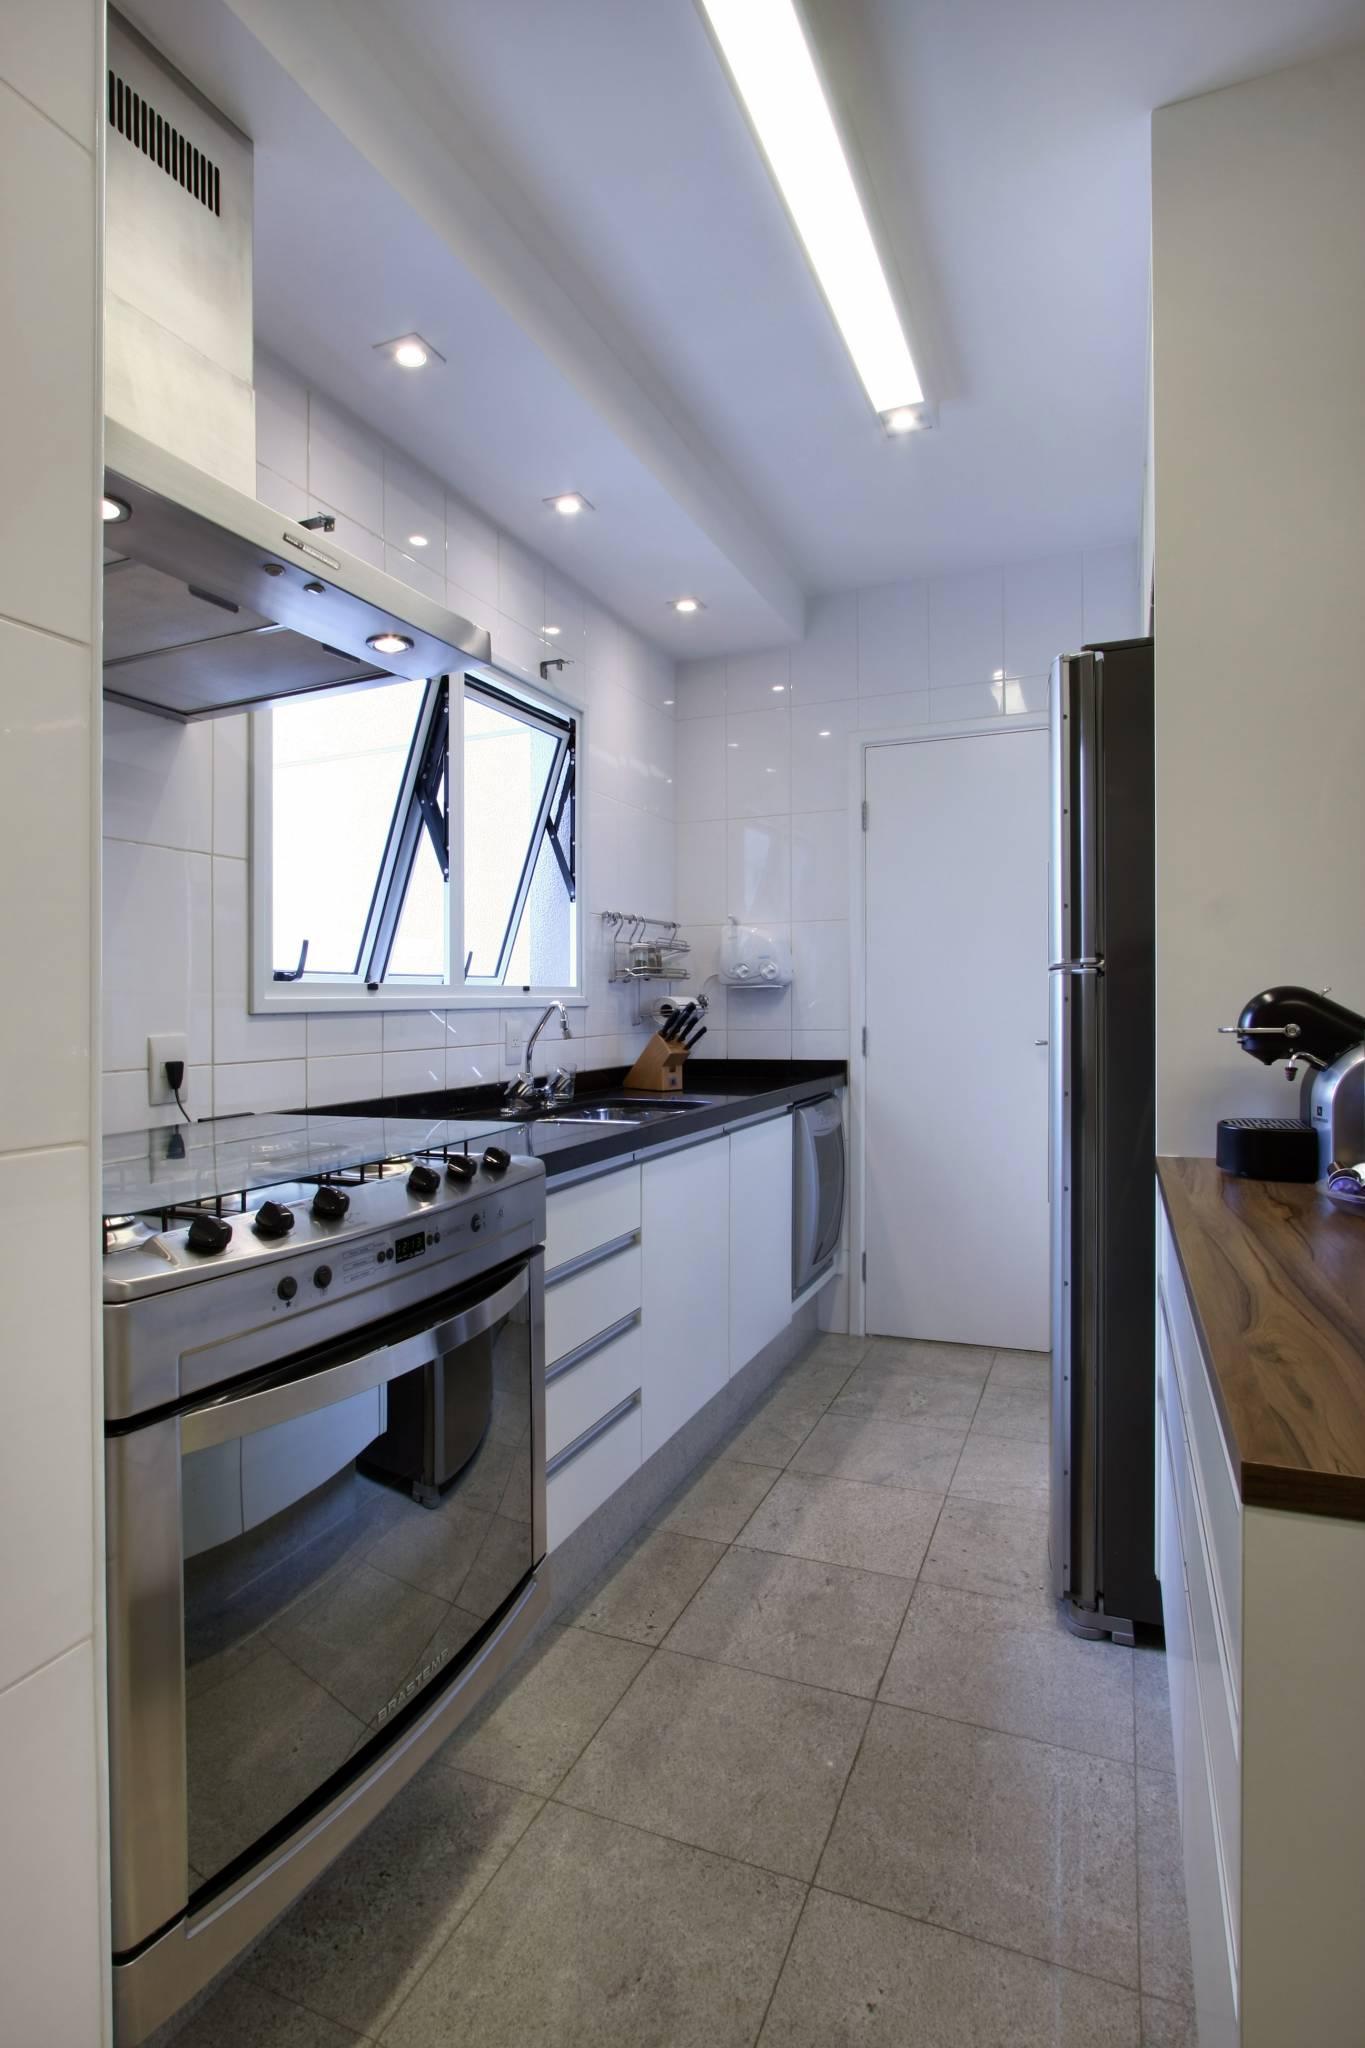 decorar uma cozinha: cozinha corredor como decorar uma cozinha simples como decorar uma